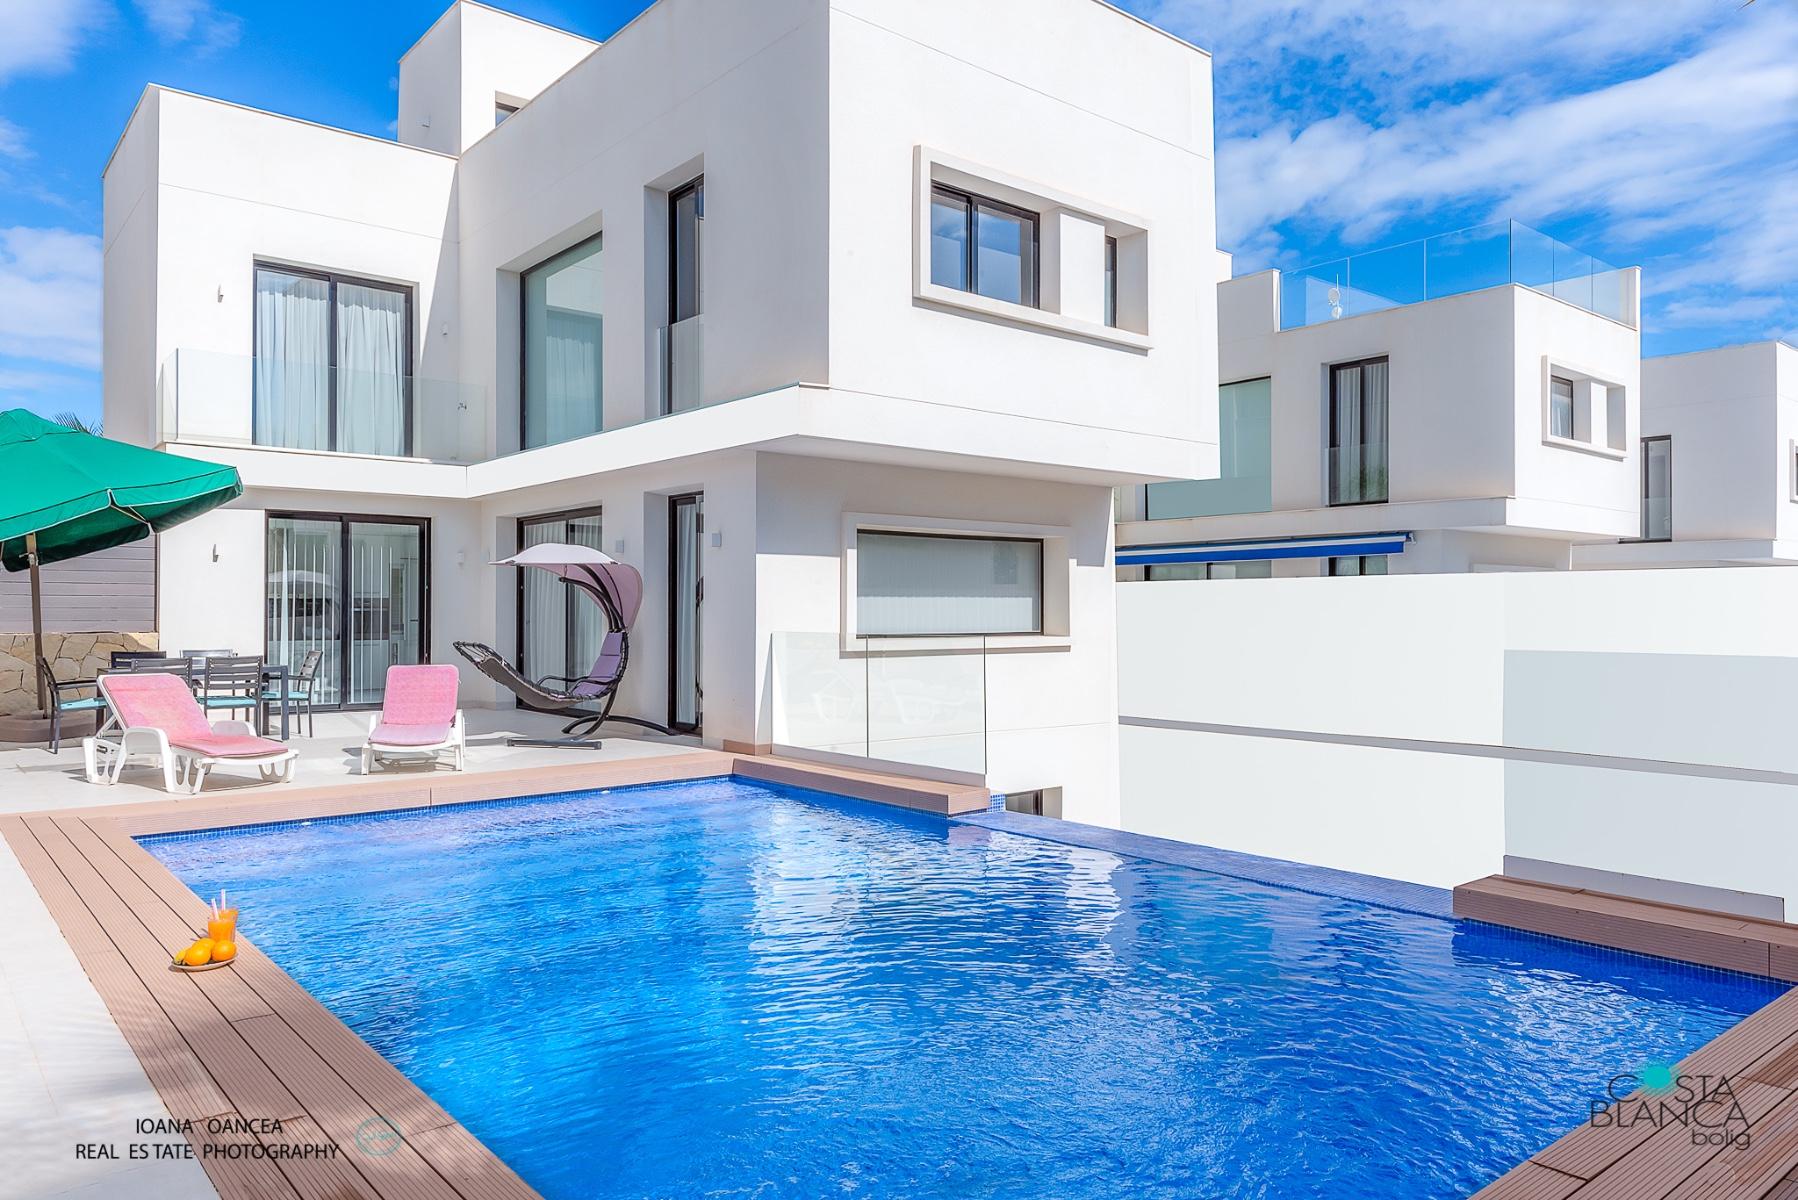 Ref:KT-63654 Villa For Sale in Ciudad Quesada